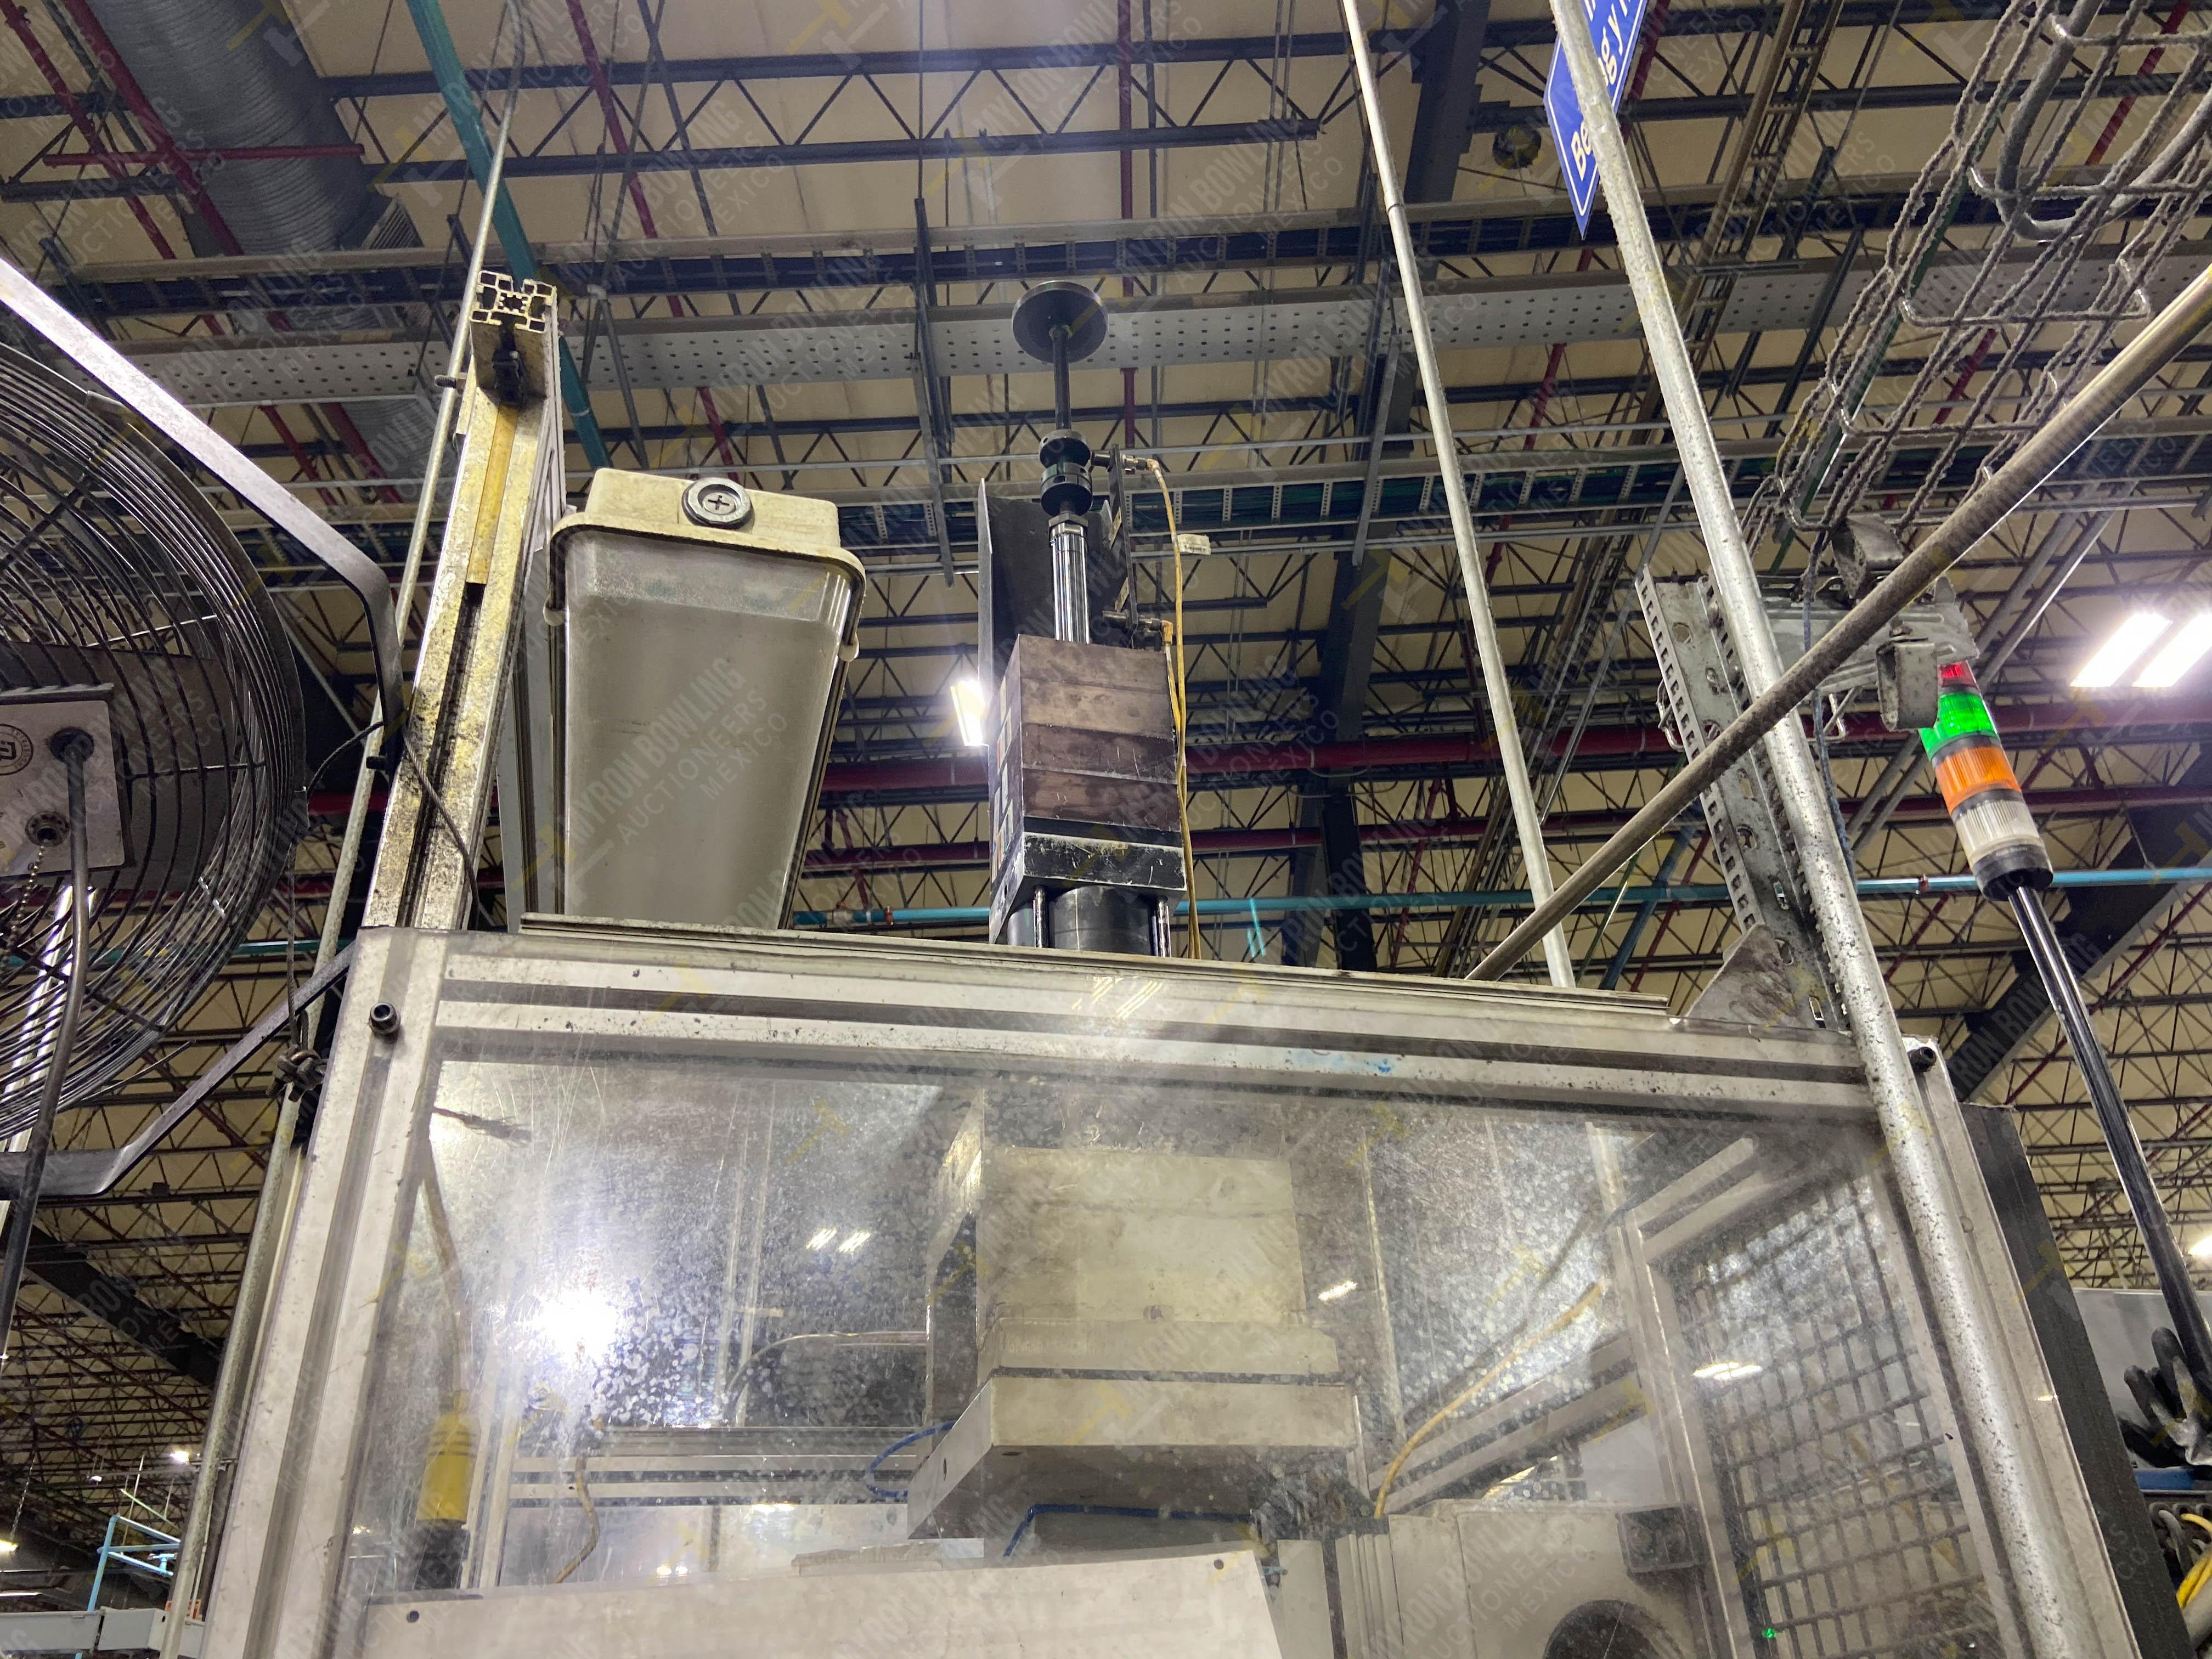 Estación semiautomática para operación 355A, contiene: Prensa en estructura de placa de acero - Image 16 of 36